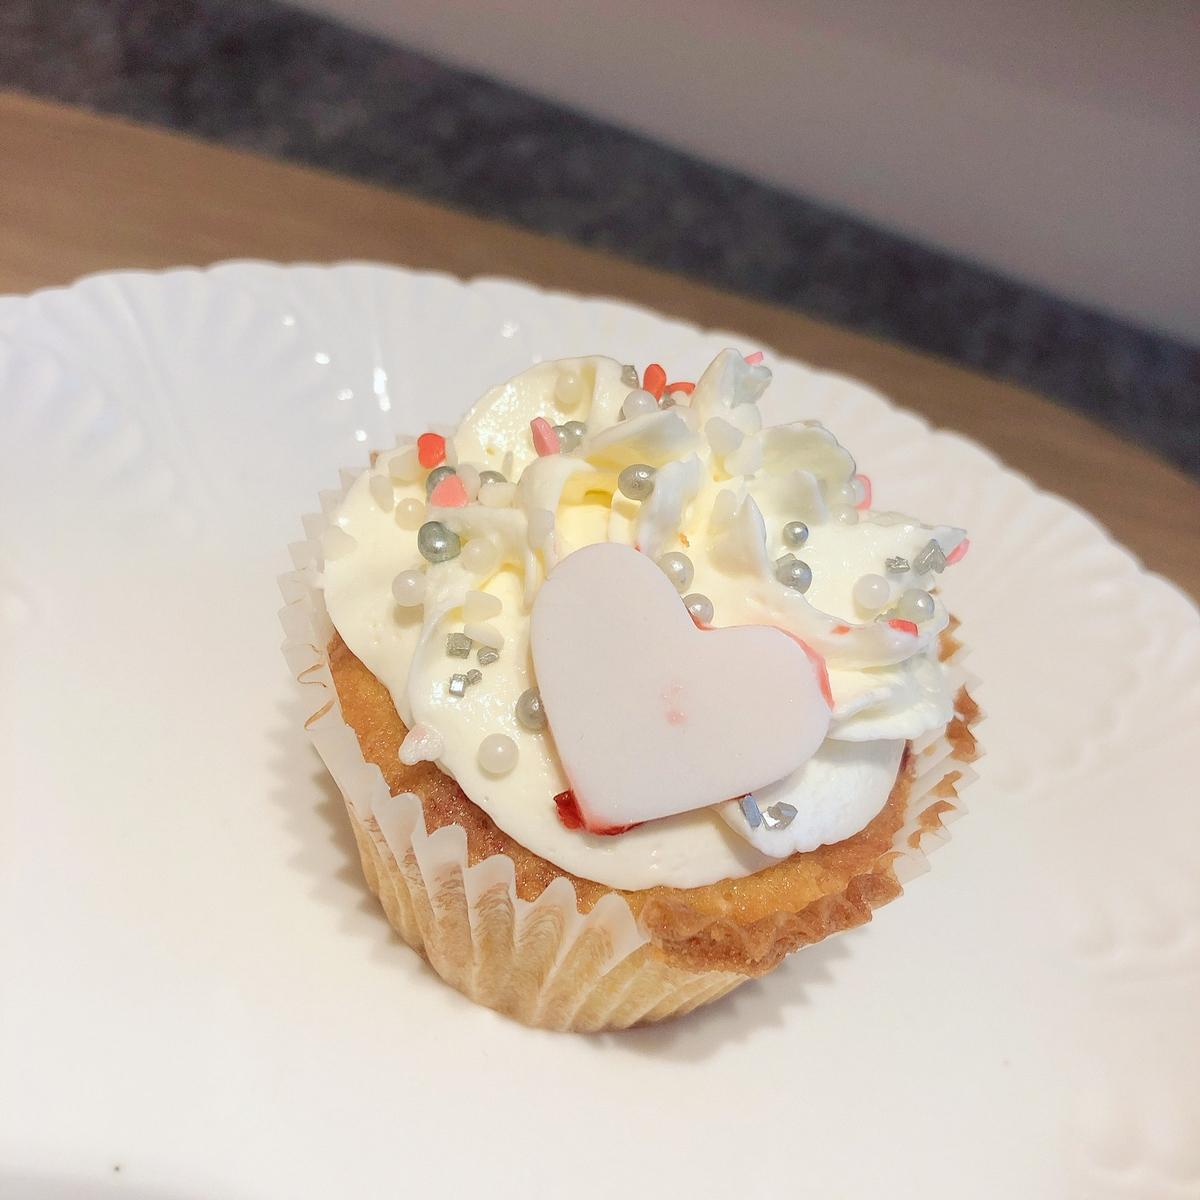 陳妍希七夕自製恐龍杯子蛋糕! 嘴甜要獻給「小情人」